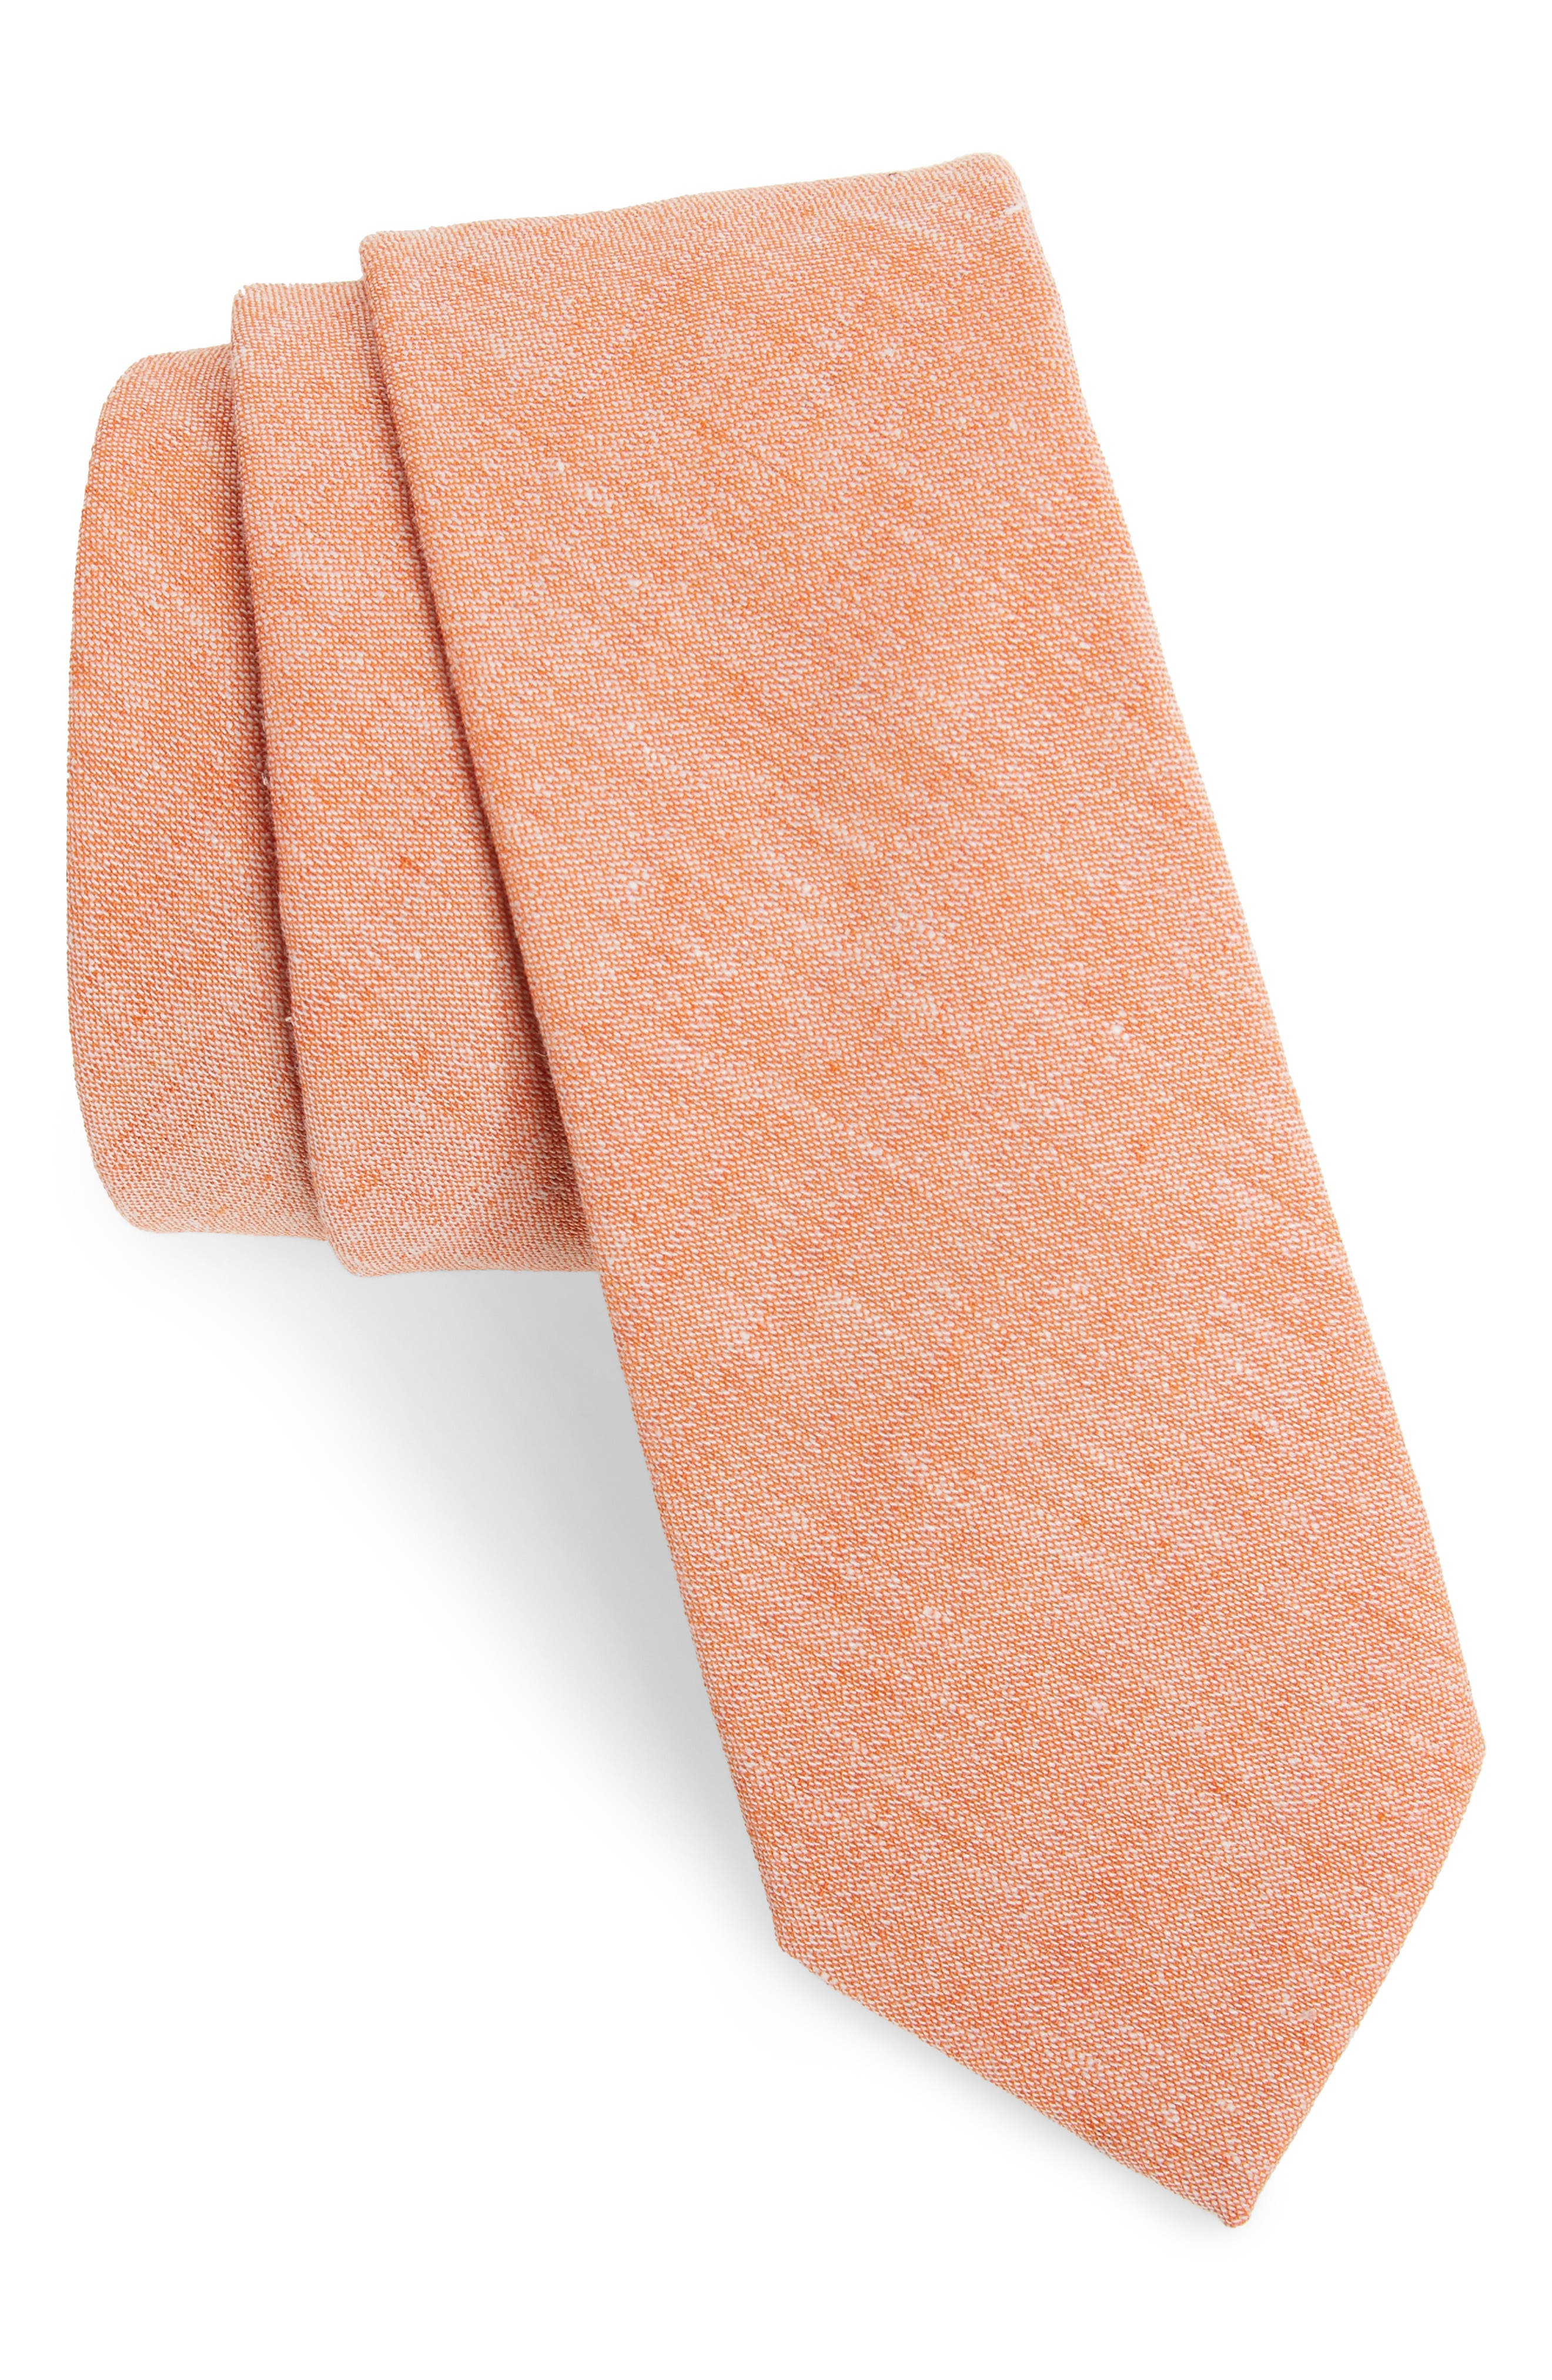 Nordstrom Men's Shop Collins Solid Skinny Tie